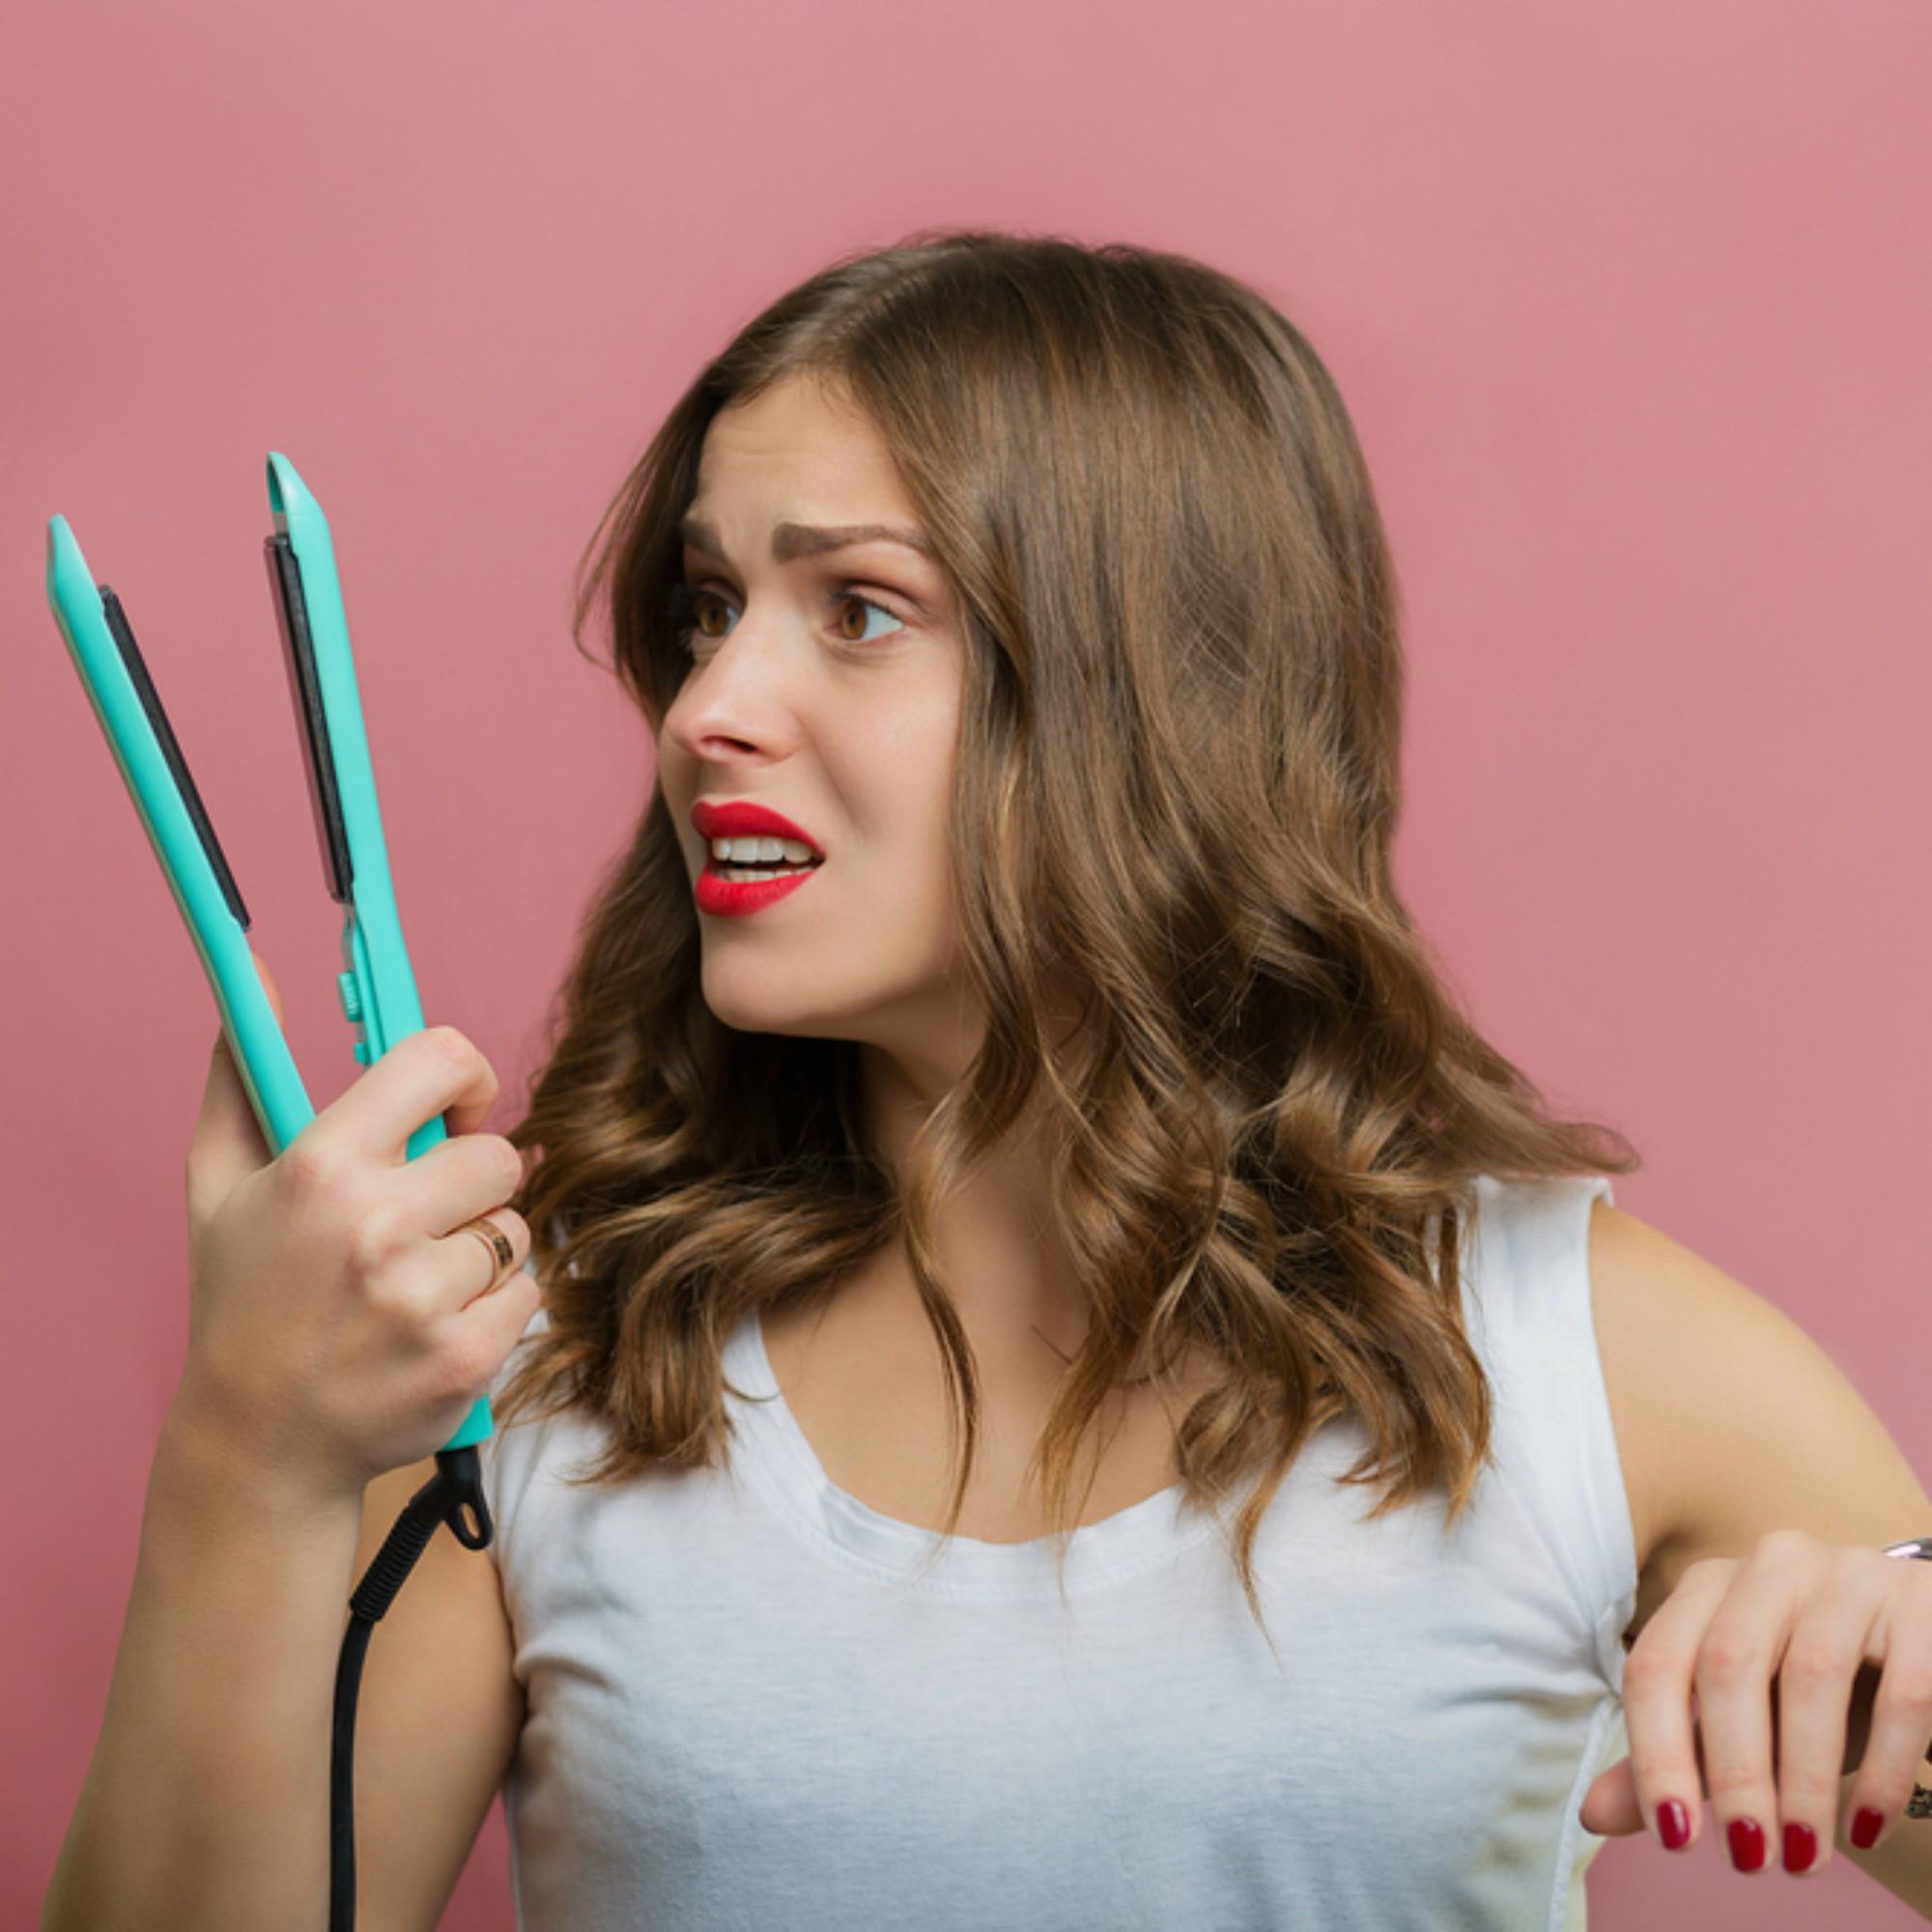 【HAIR特別企画】美容師さん教えて!~第1弾「#パパっと3分アレンジ」大募集♡